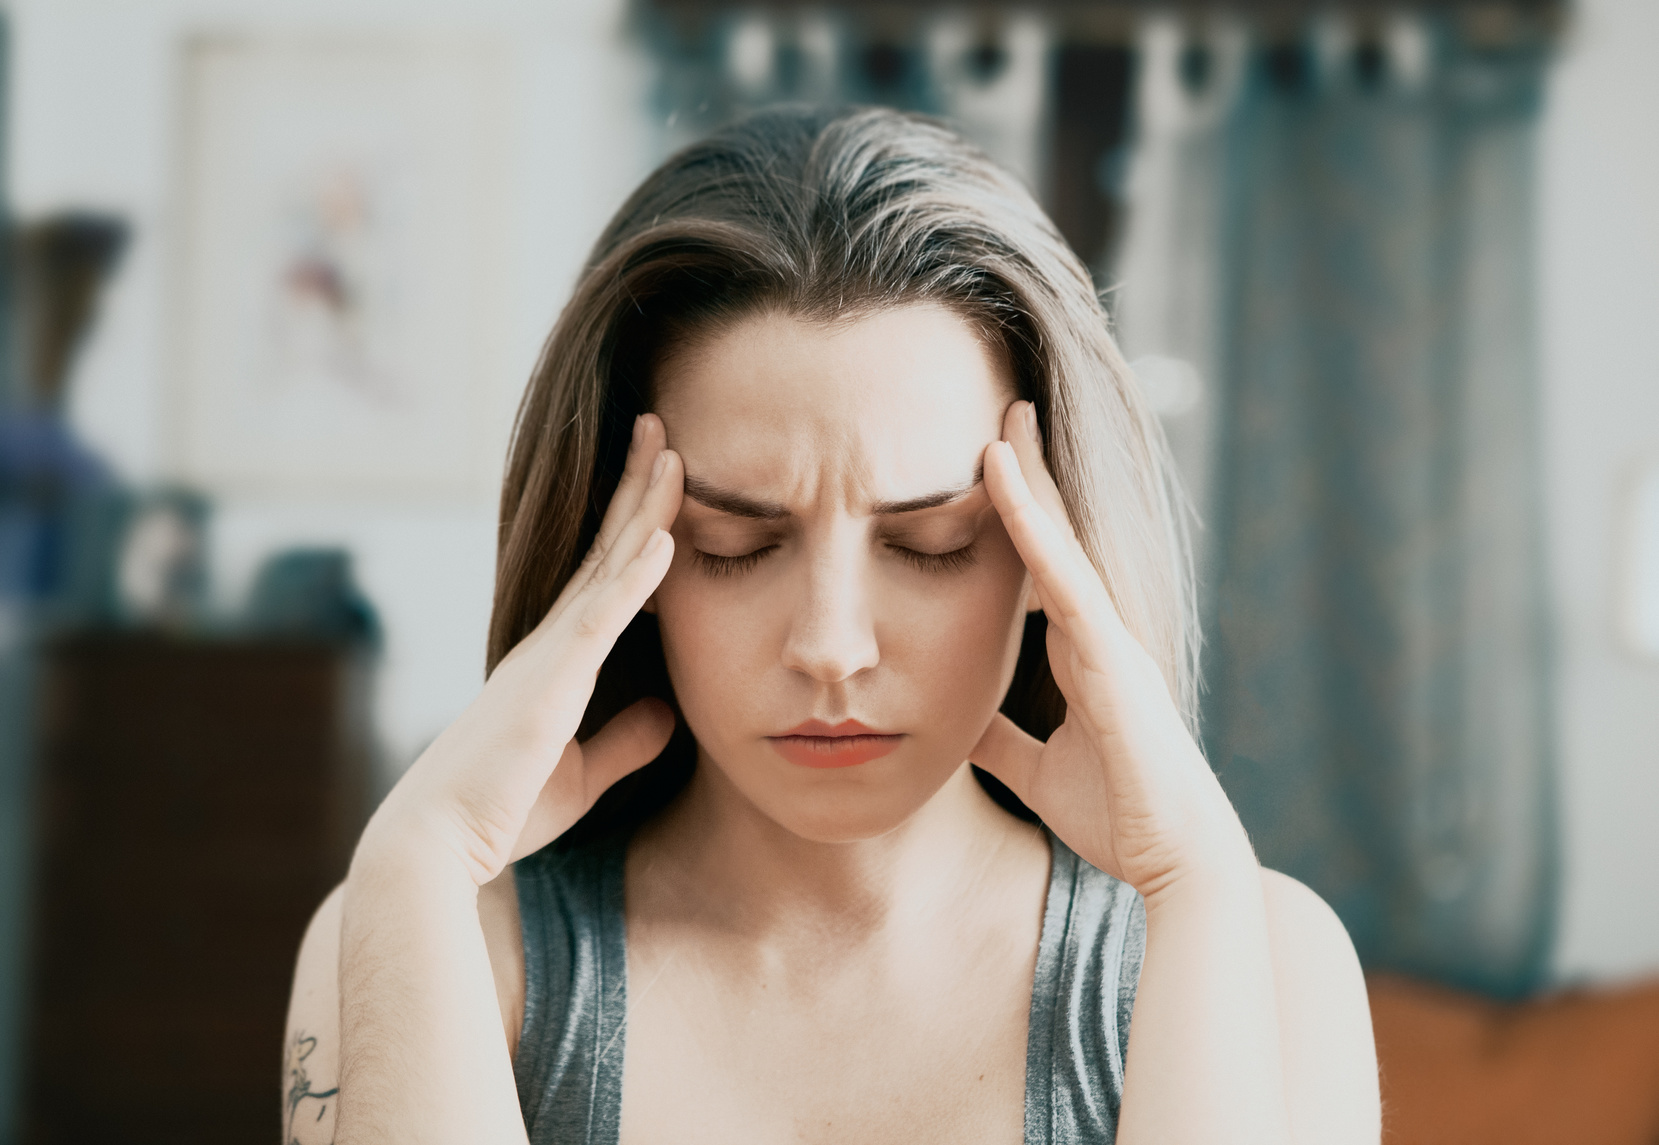 यस्ता लक्षण देखिएमा थाहा पाउनुस् तपाईं तनावमा हुनुहुन्छ